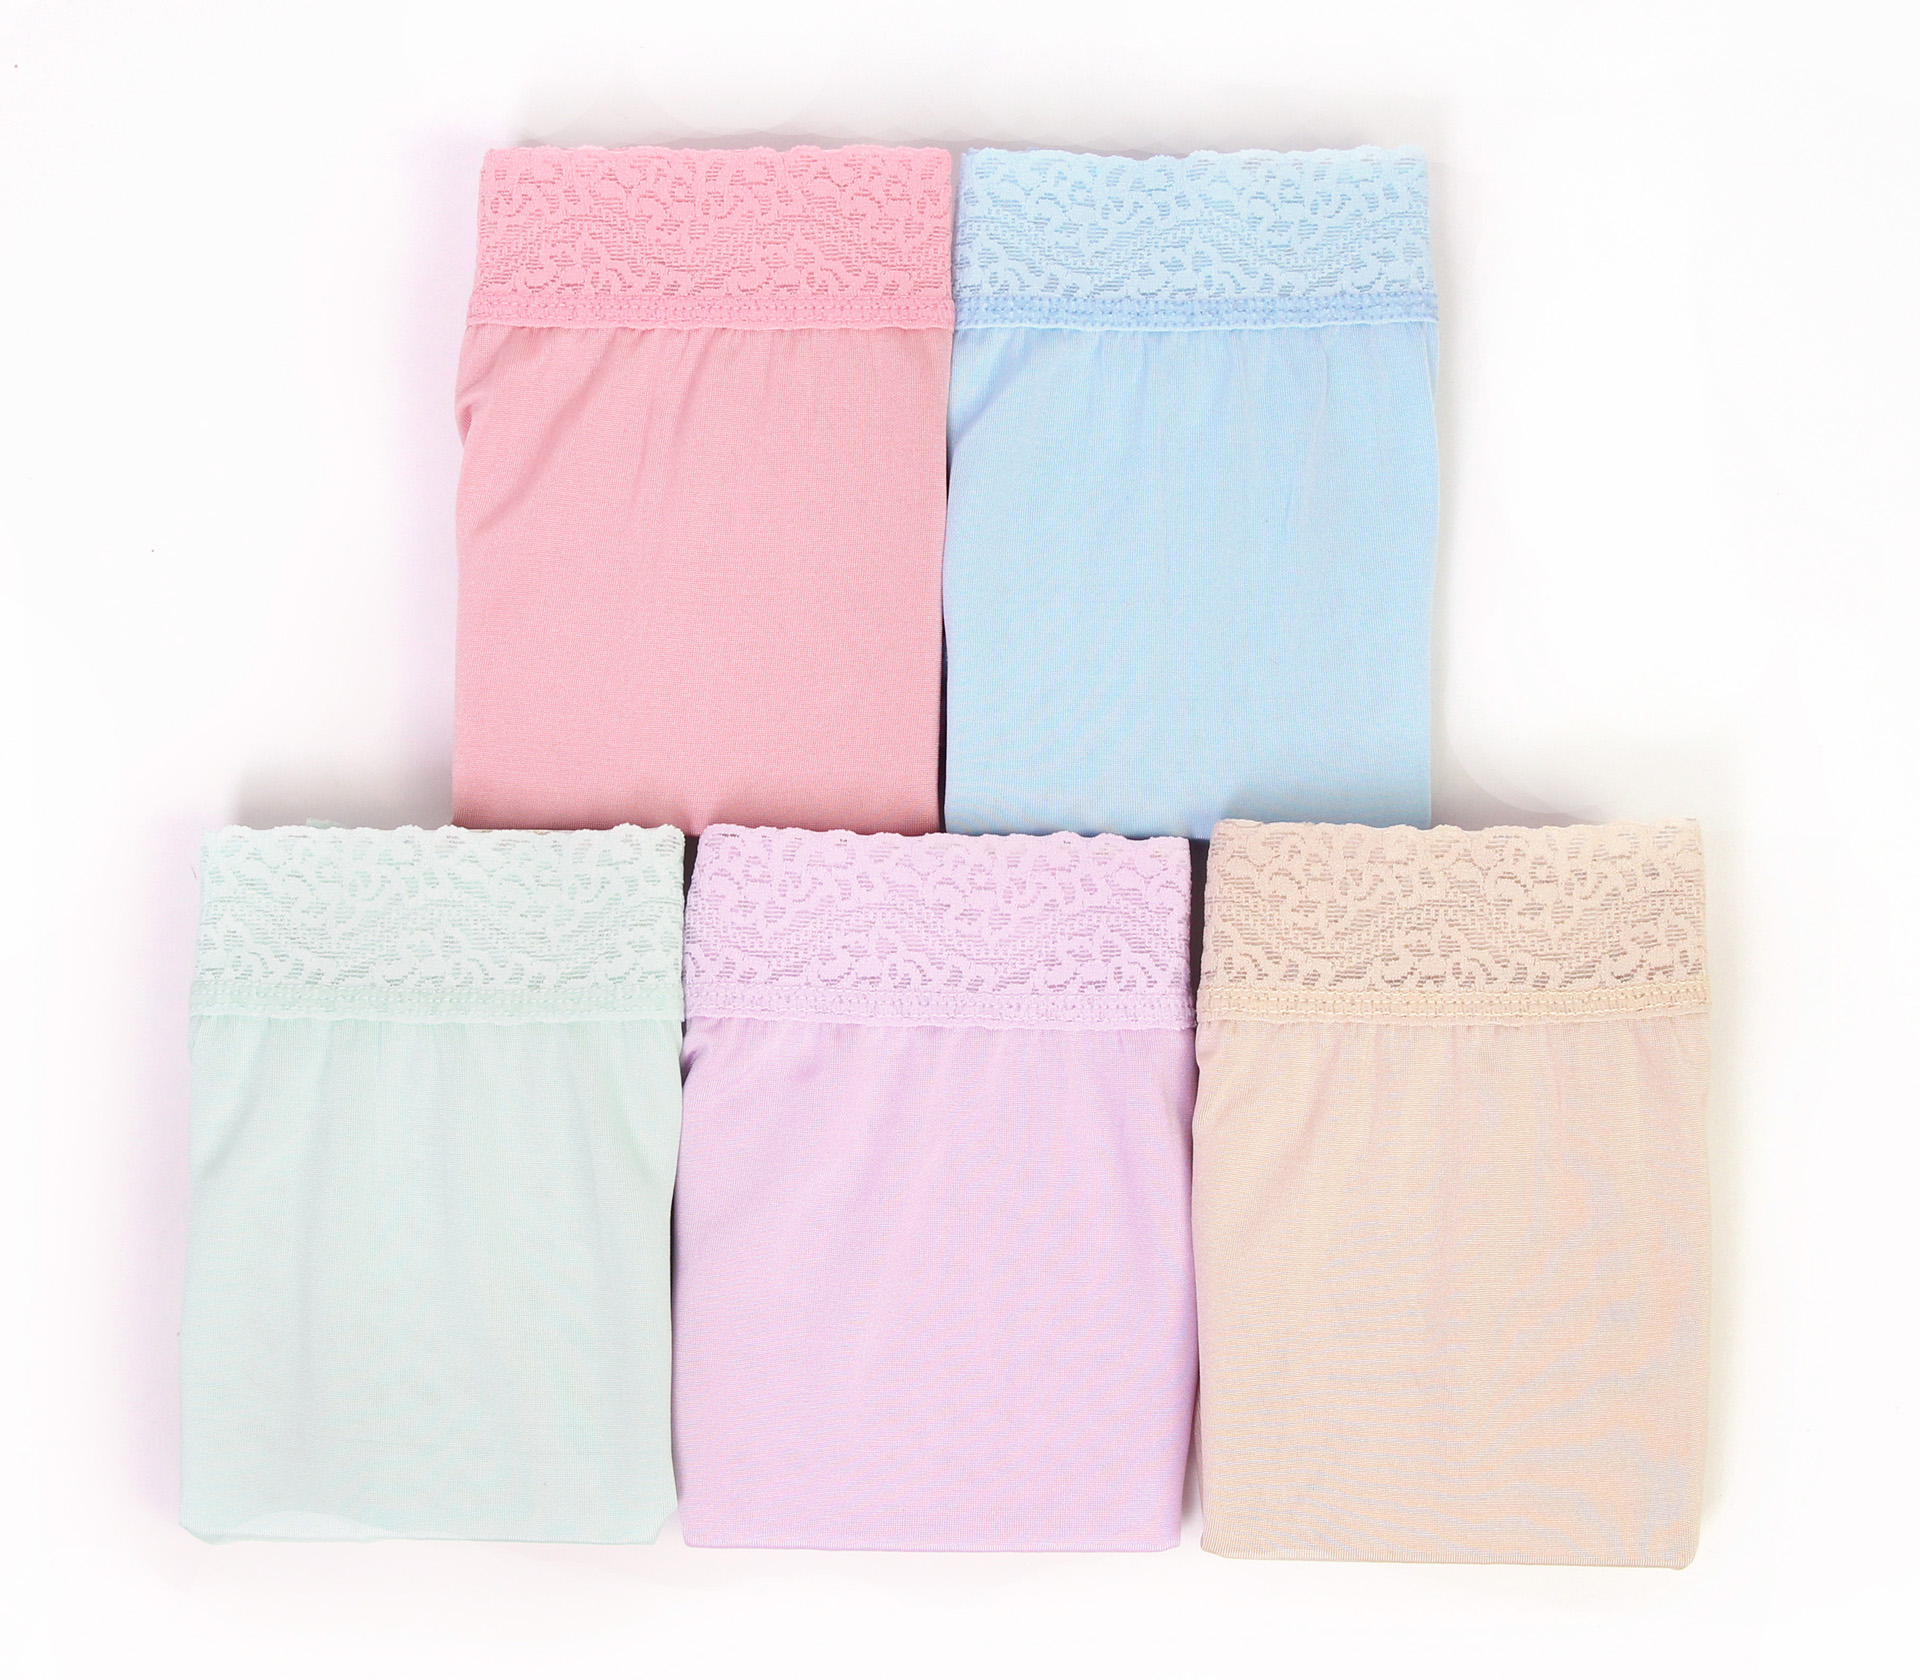 闕蘭絹親膚舒適包覆頂級40針100%蠶絲內褲五件組-88798